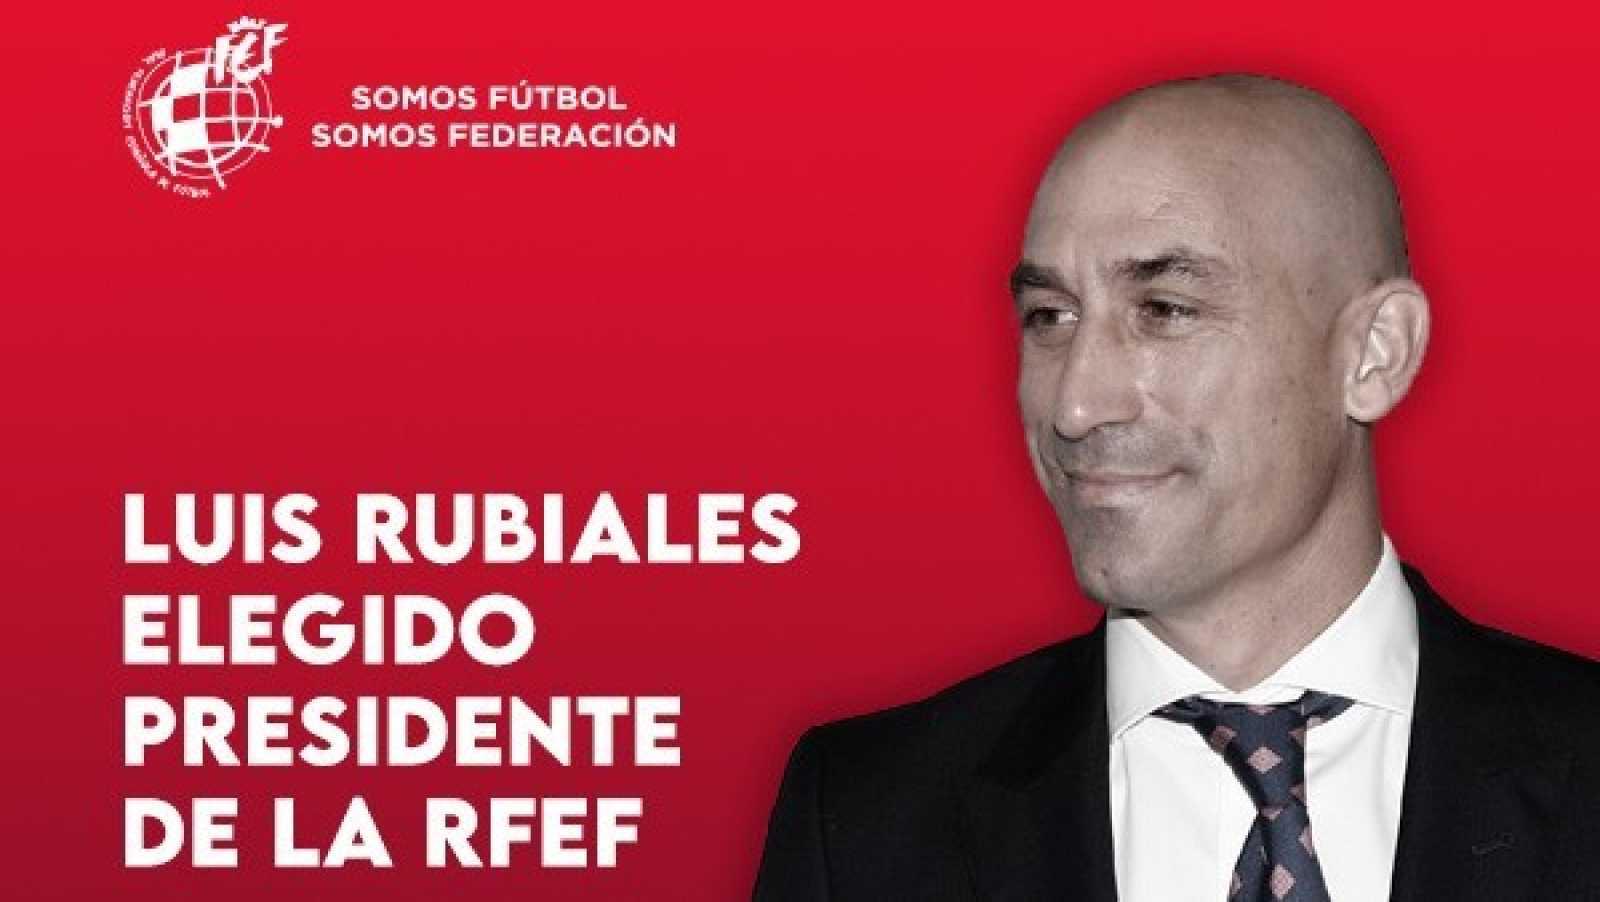 La Asamblea reelige a Rubiales com presidente de la RFEF para el ciclo 2020-2024